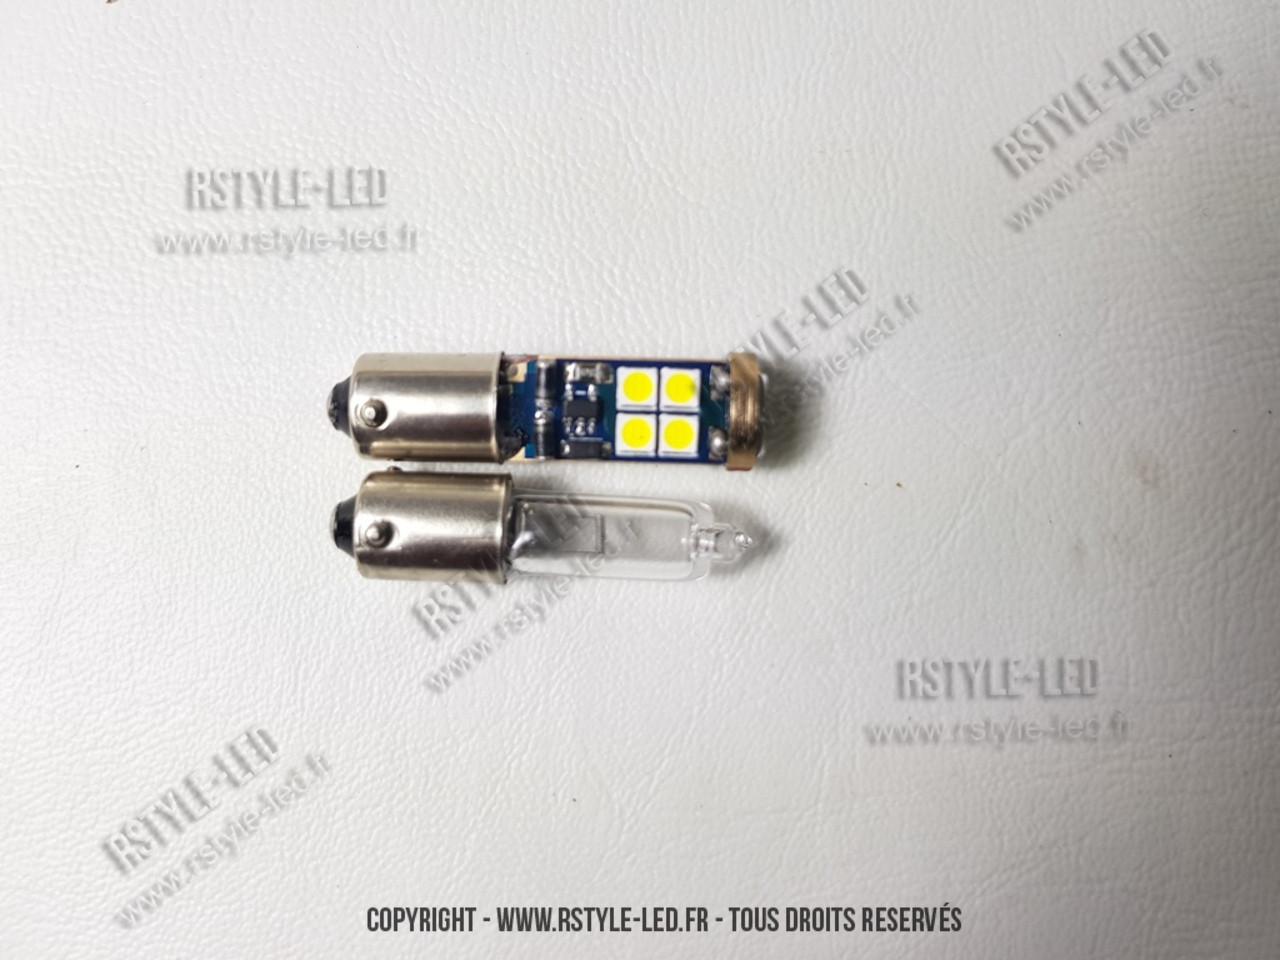 Led ba onnette h21w bay9s ampoule led voiture auto panther 12 blanc canbus anti erreur - Ampoule baionnette led ...